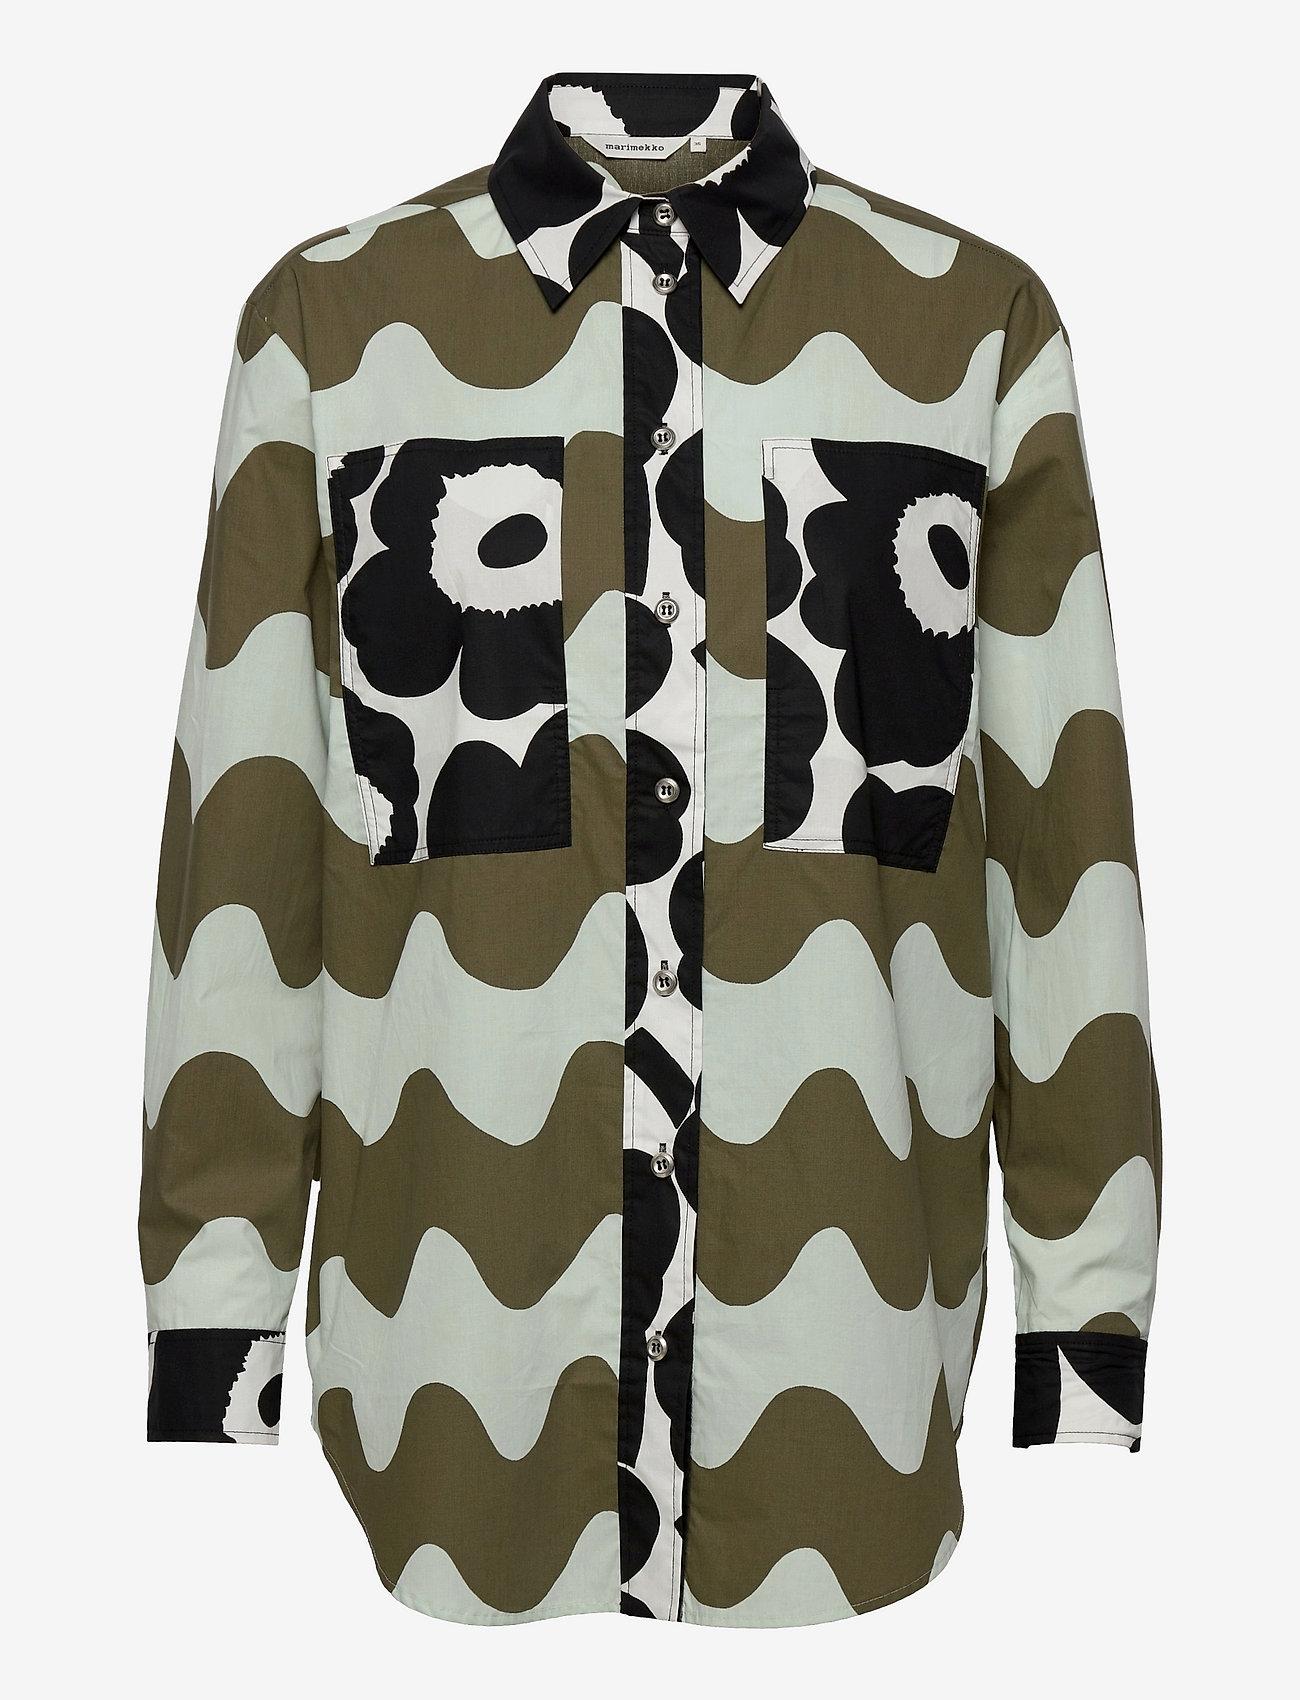 Marimekko - HOPEASINI SHIRT - langærmede skjorter - dark green, off-white, black - 0